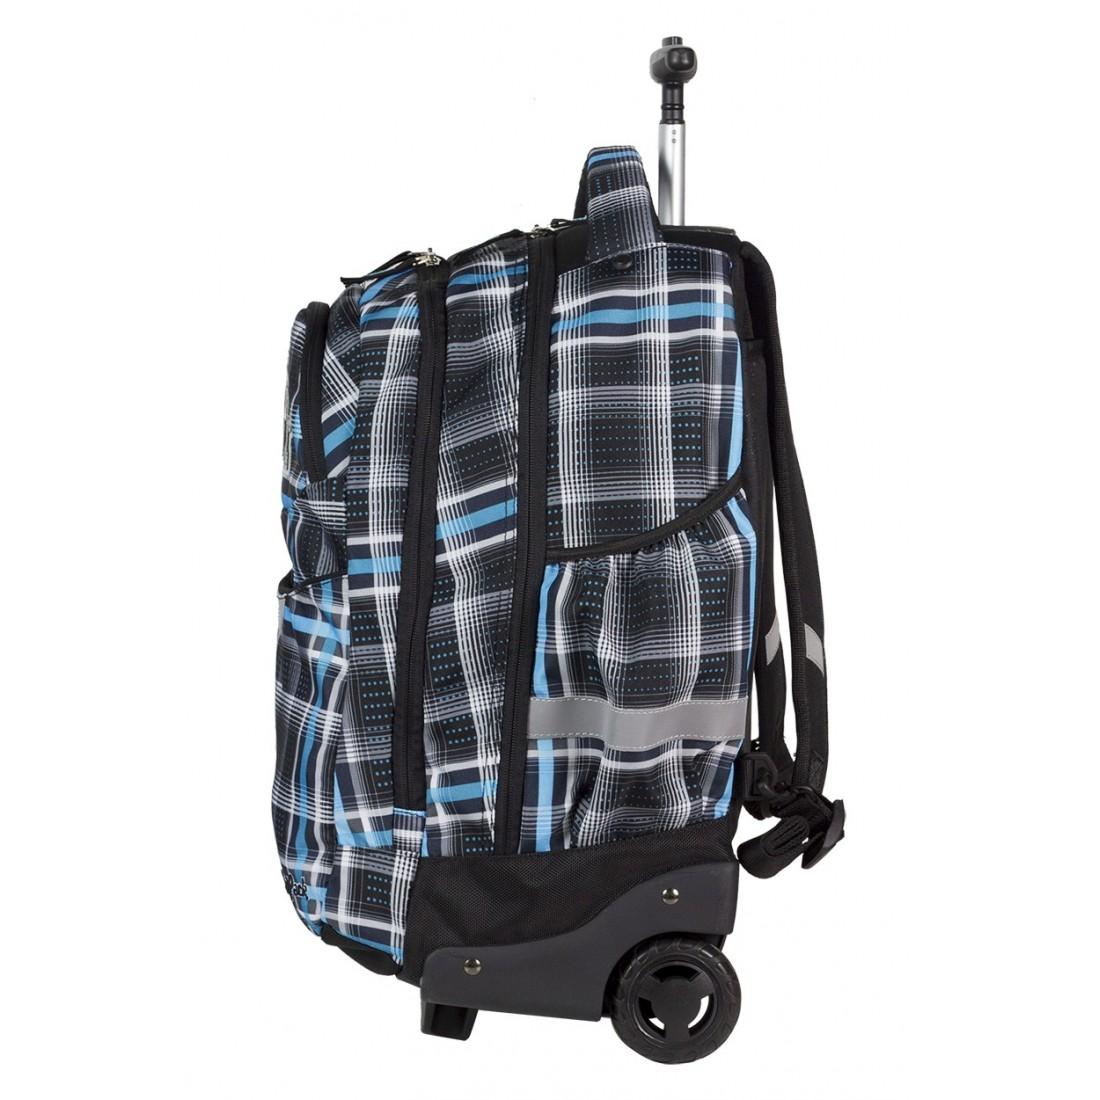 Plecak na kółkach CoolPack CP czarny i niebieski w kratkę dla chłopca RAPID SPORTY 450